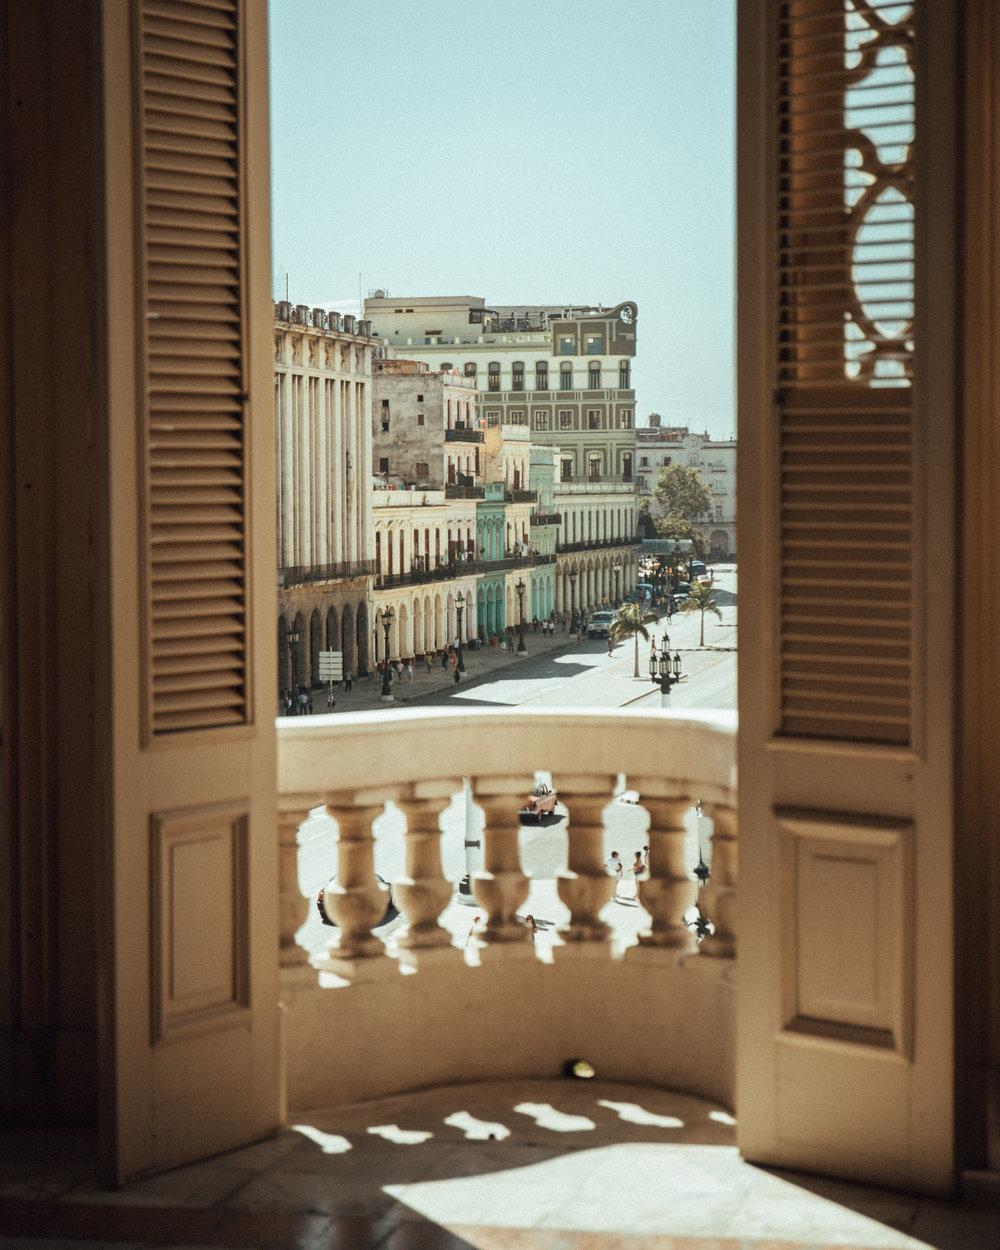 Postcards_From_Cuba_Javi_visits_Hotel_weekend8.jpg